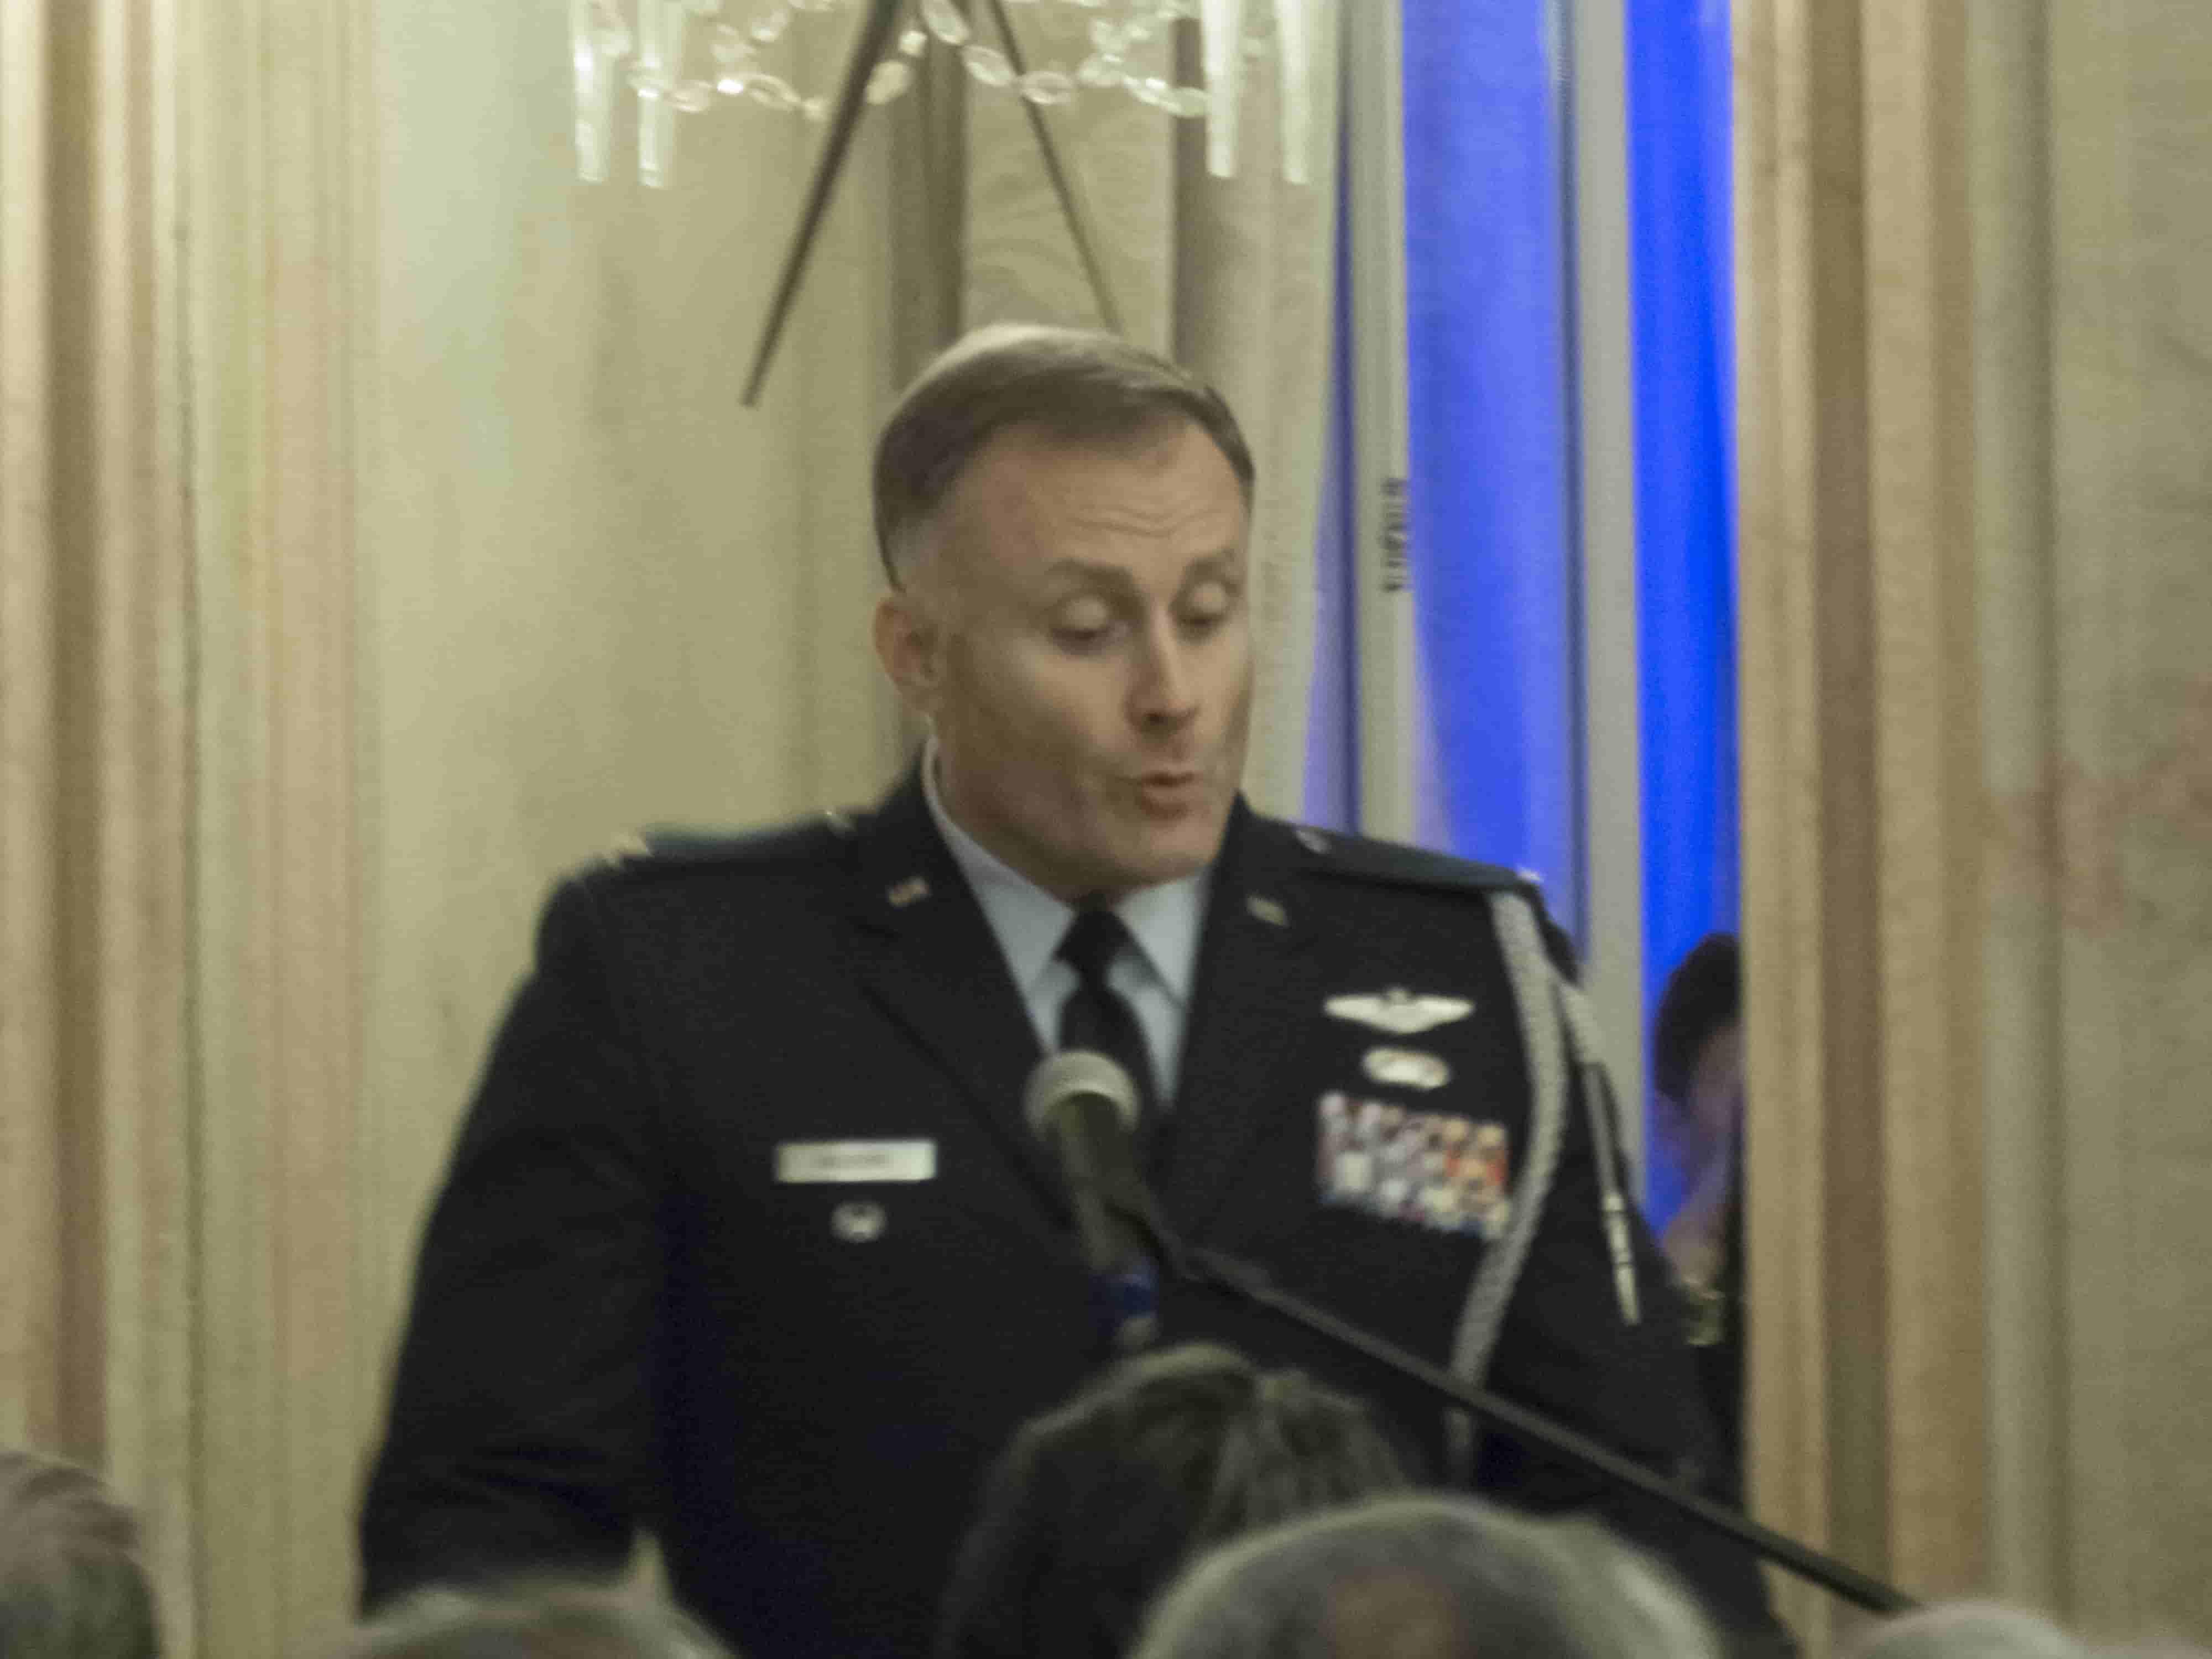 Colonel Jack Aalborg